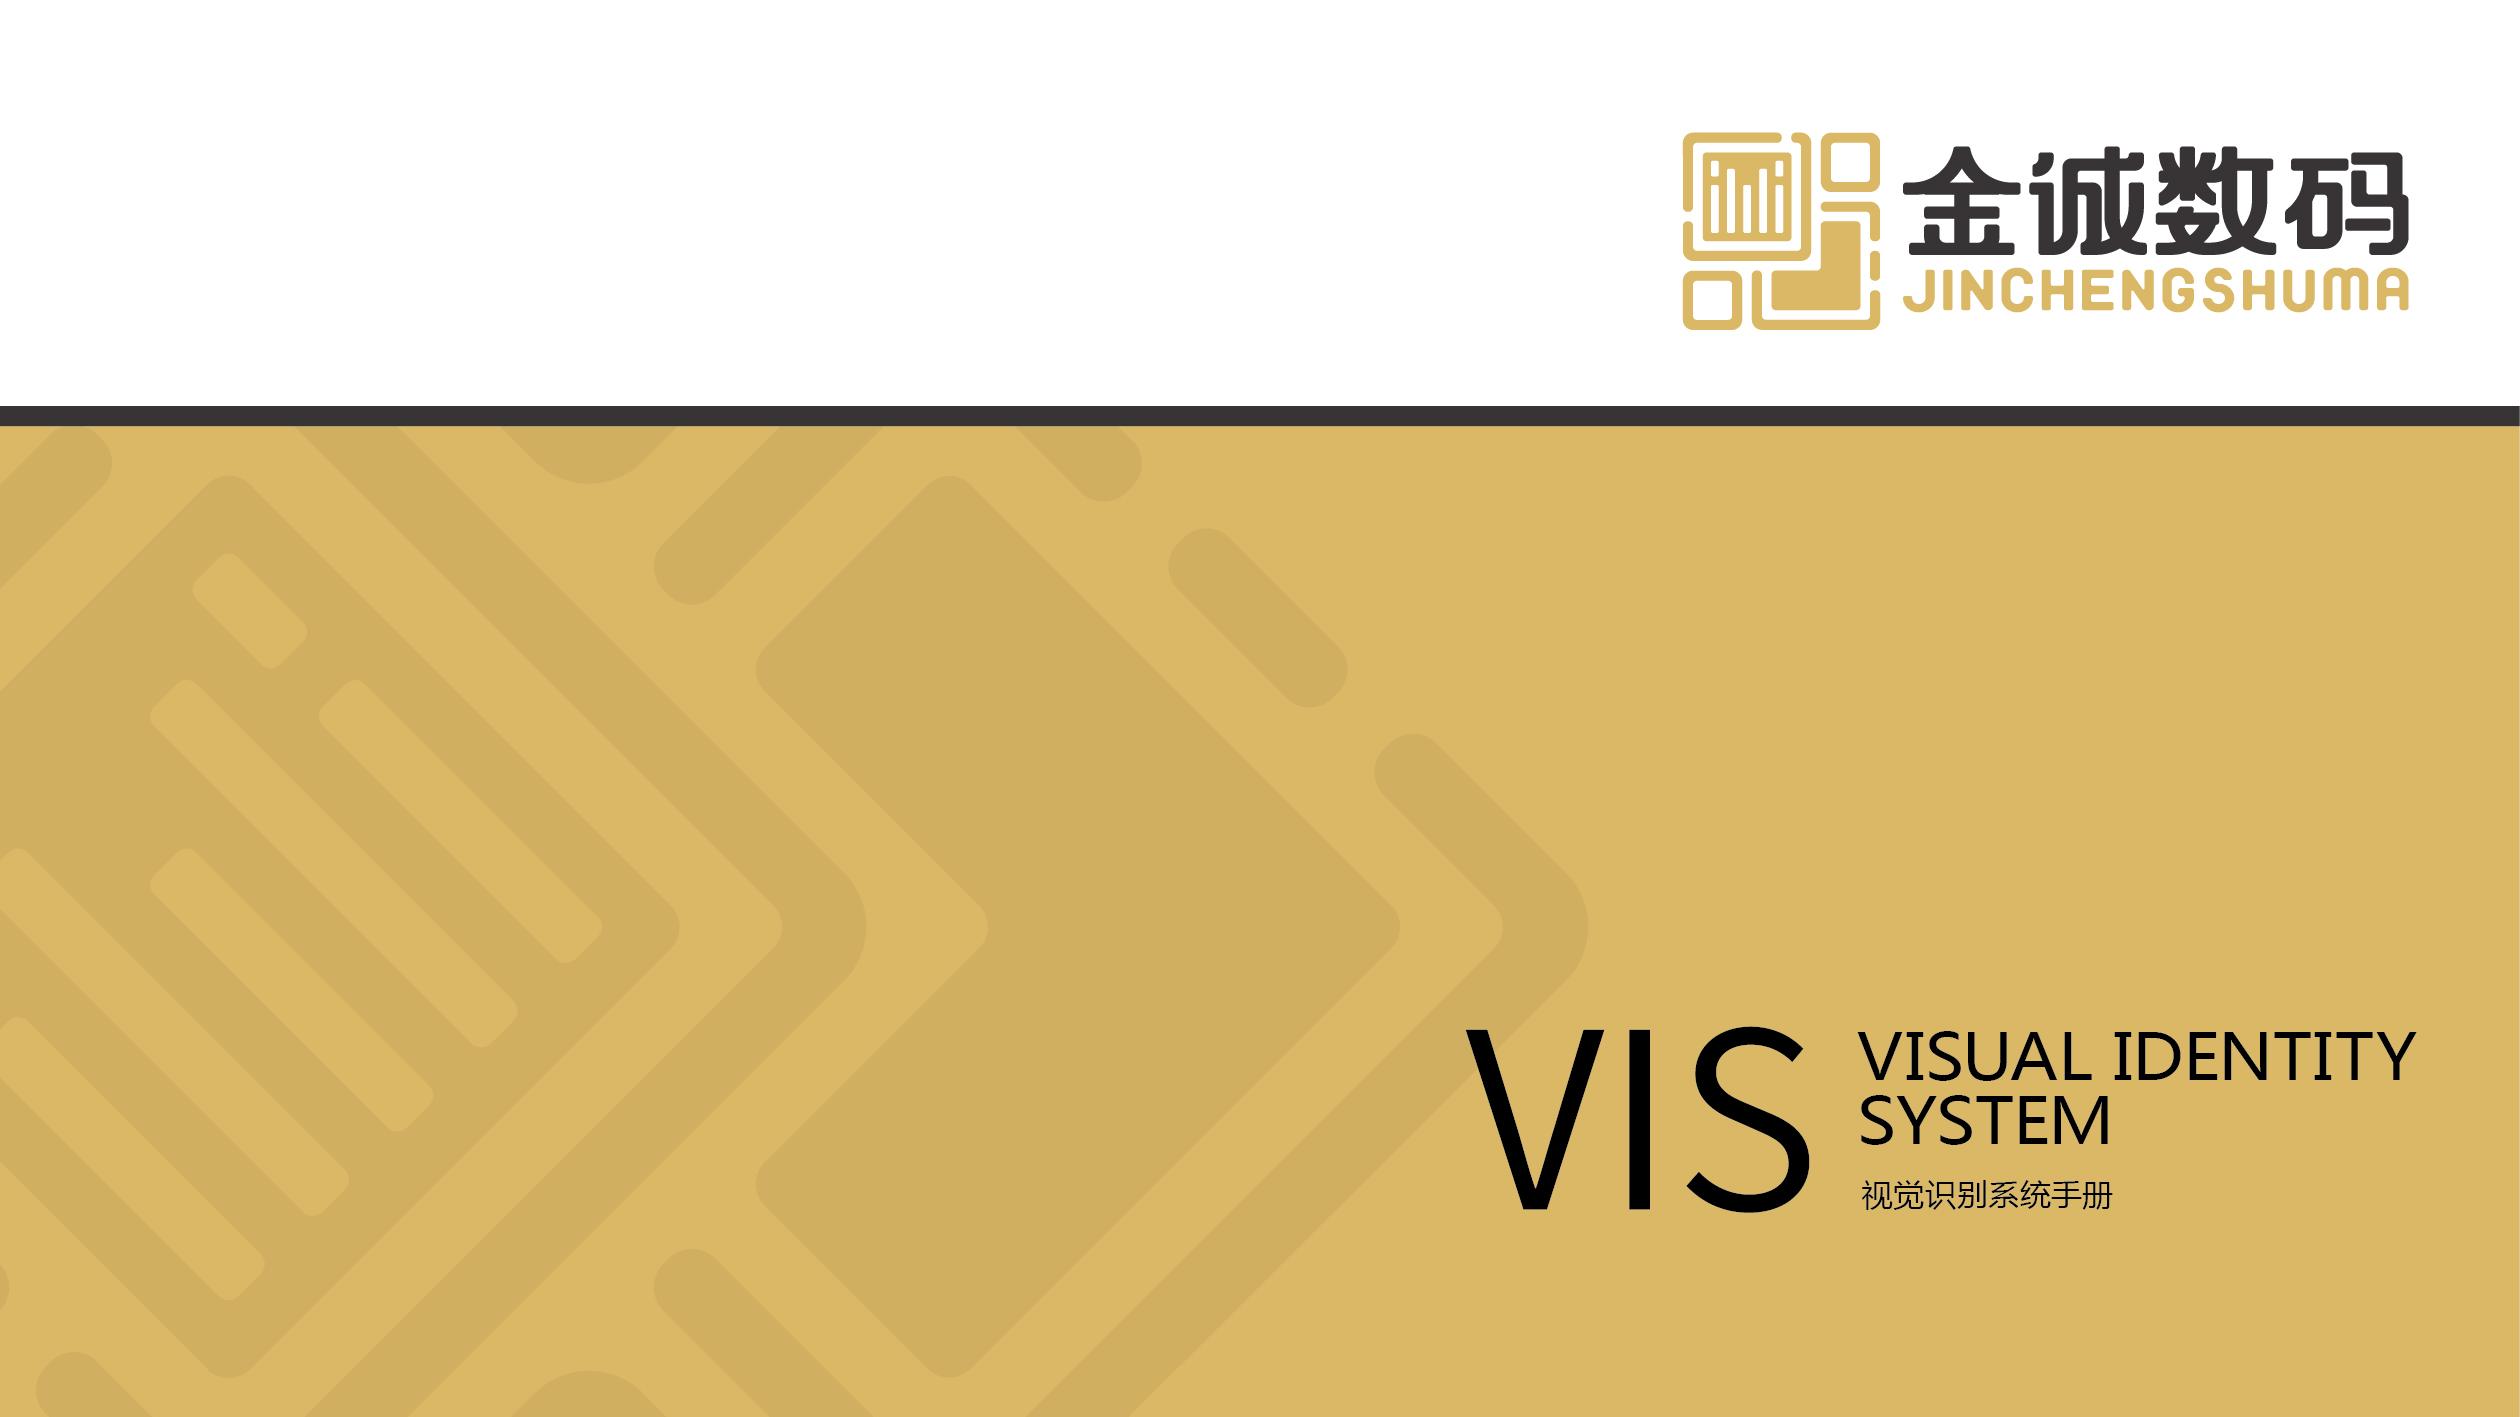 金诚数码公司VI设计